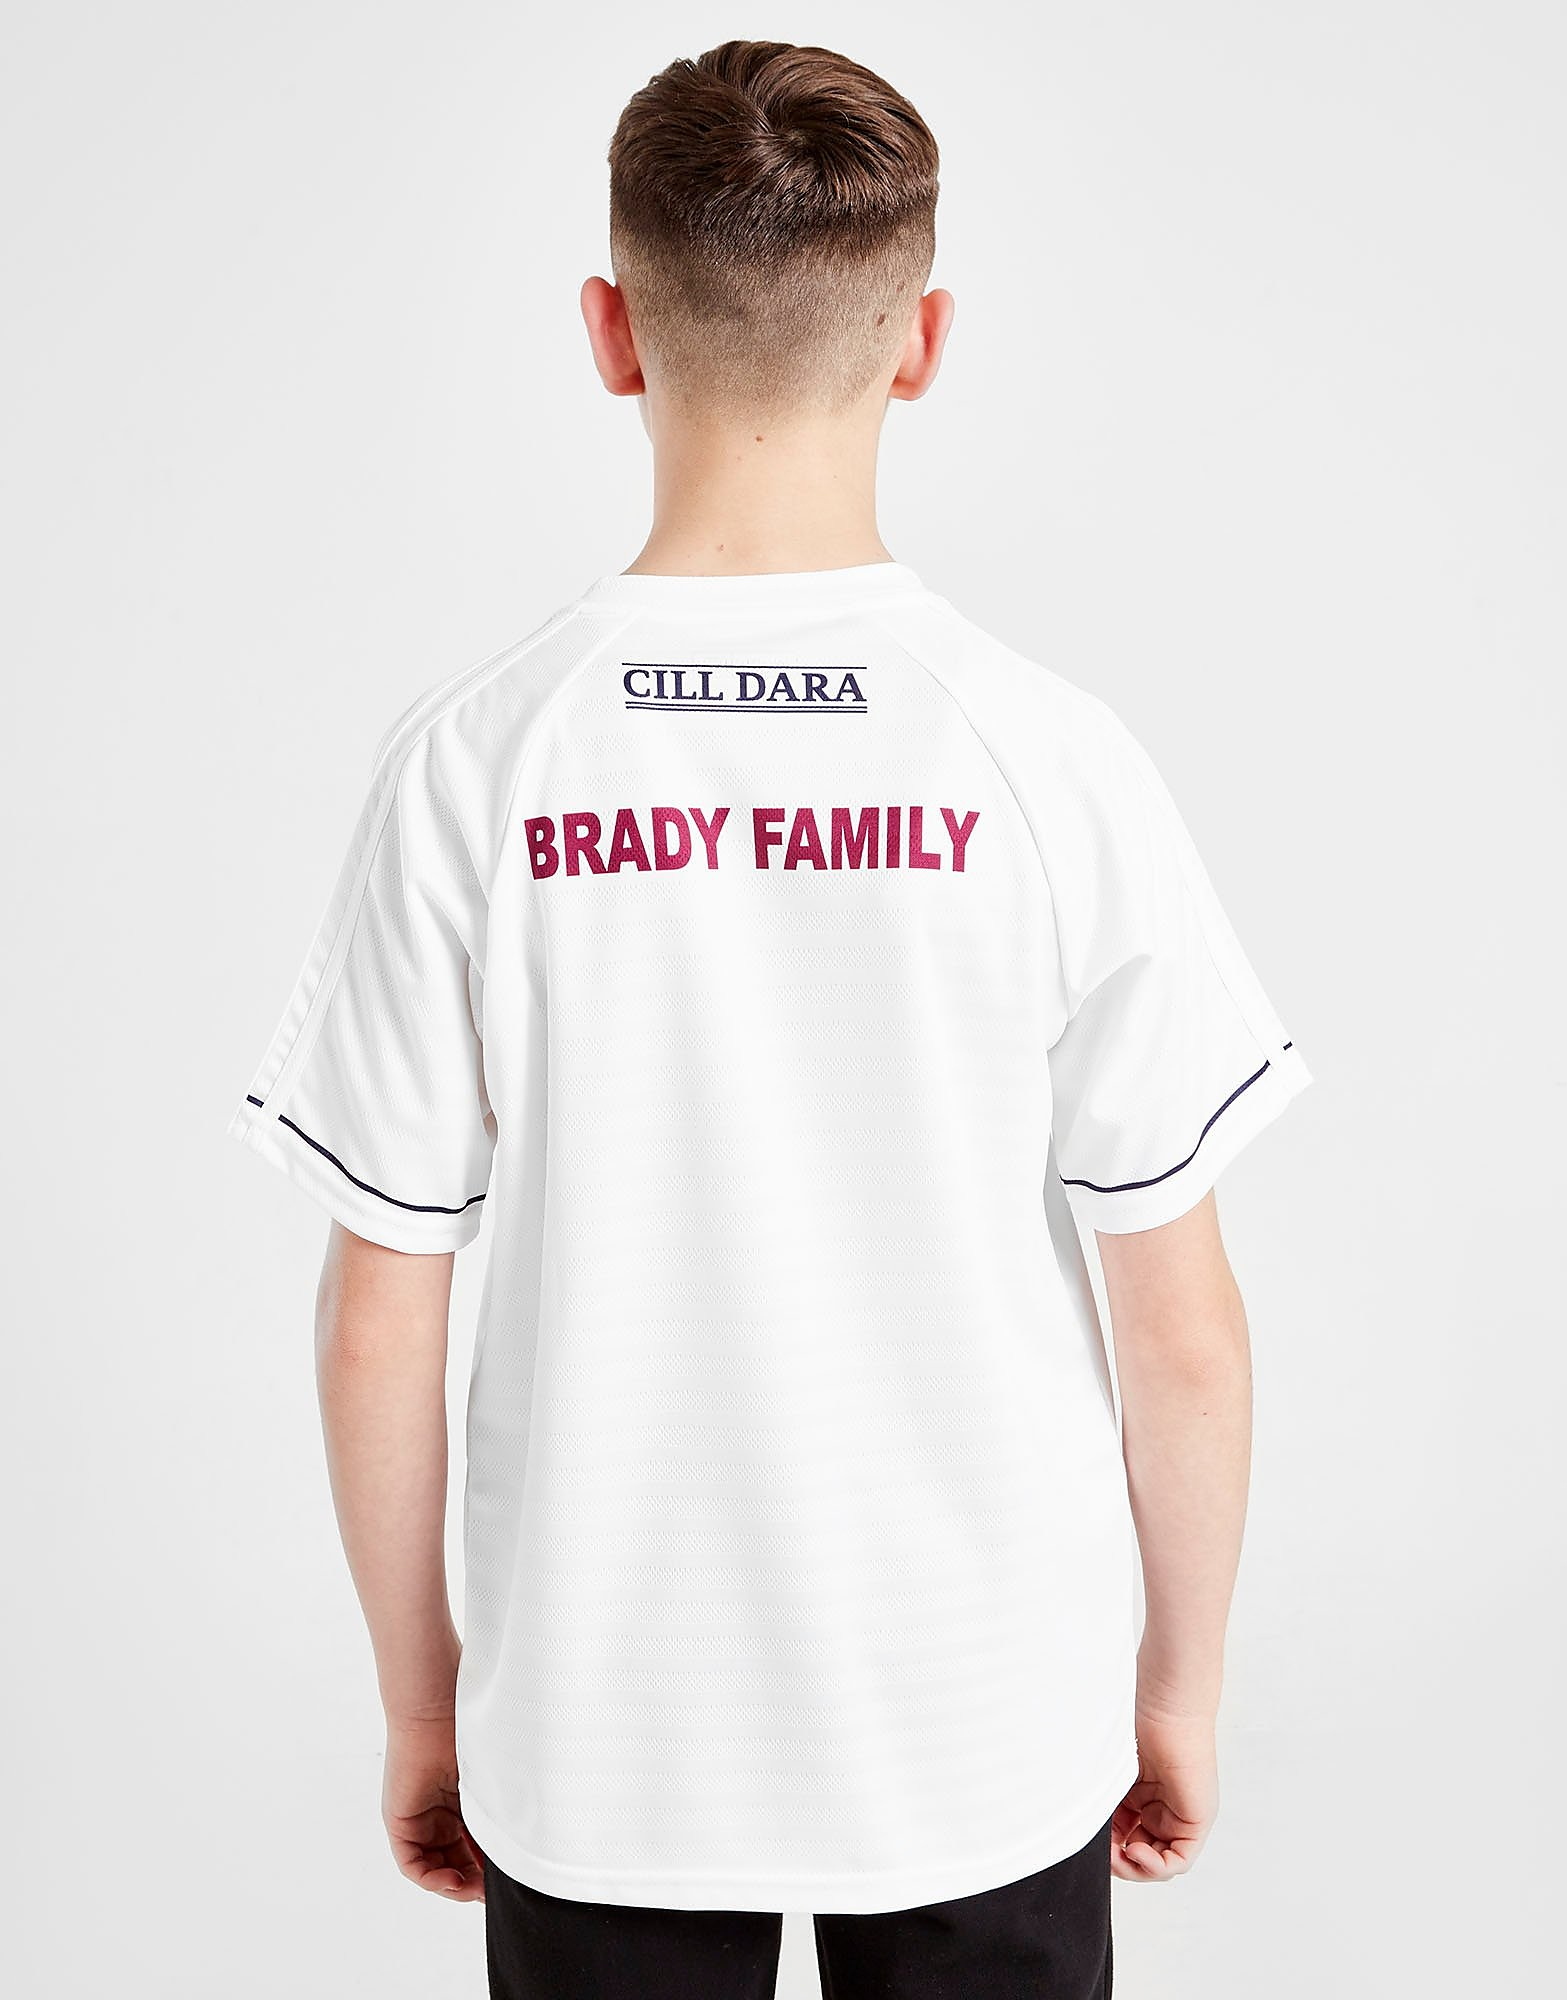 O'Neills Kildare 2016 Home Shirt Junior